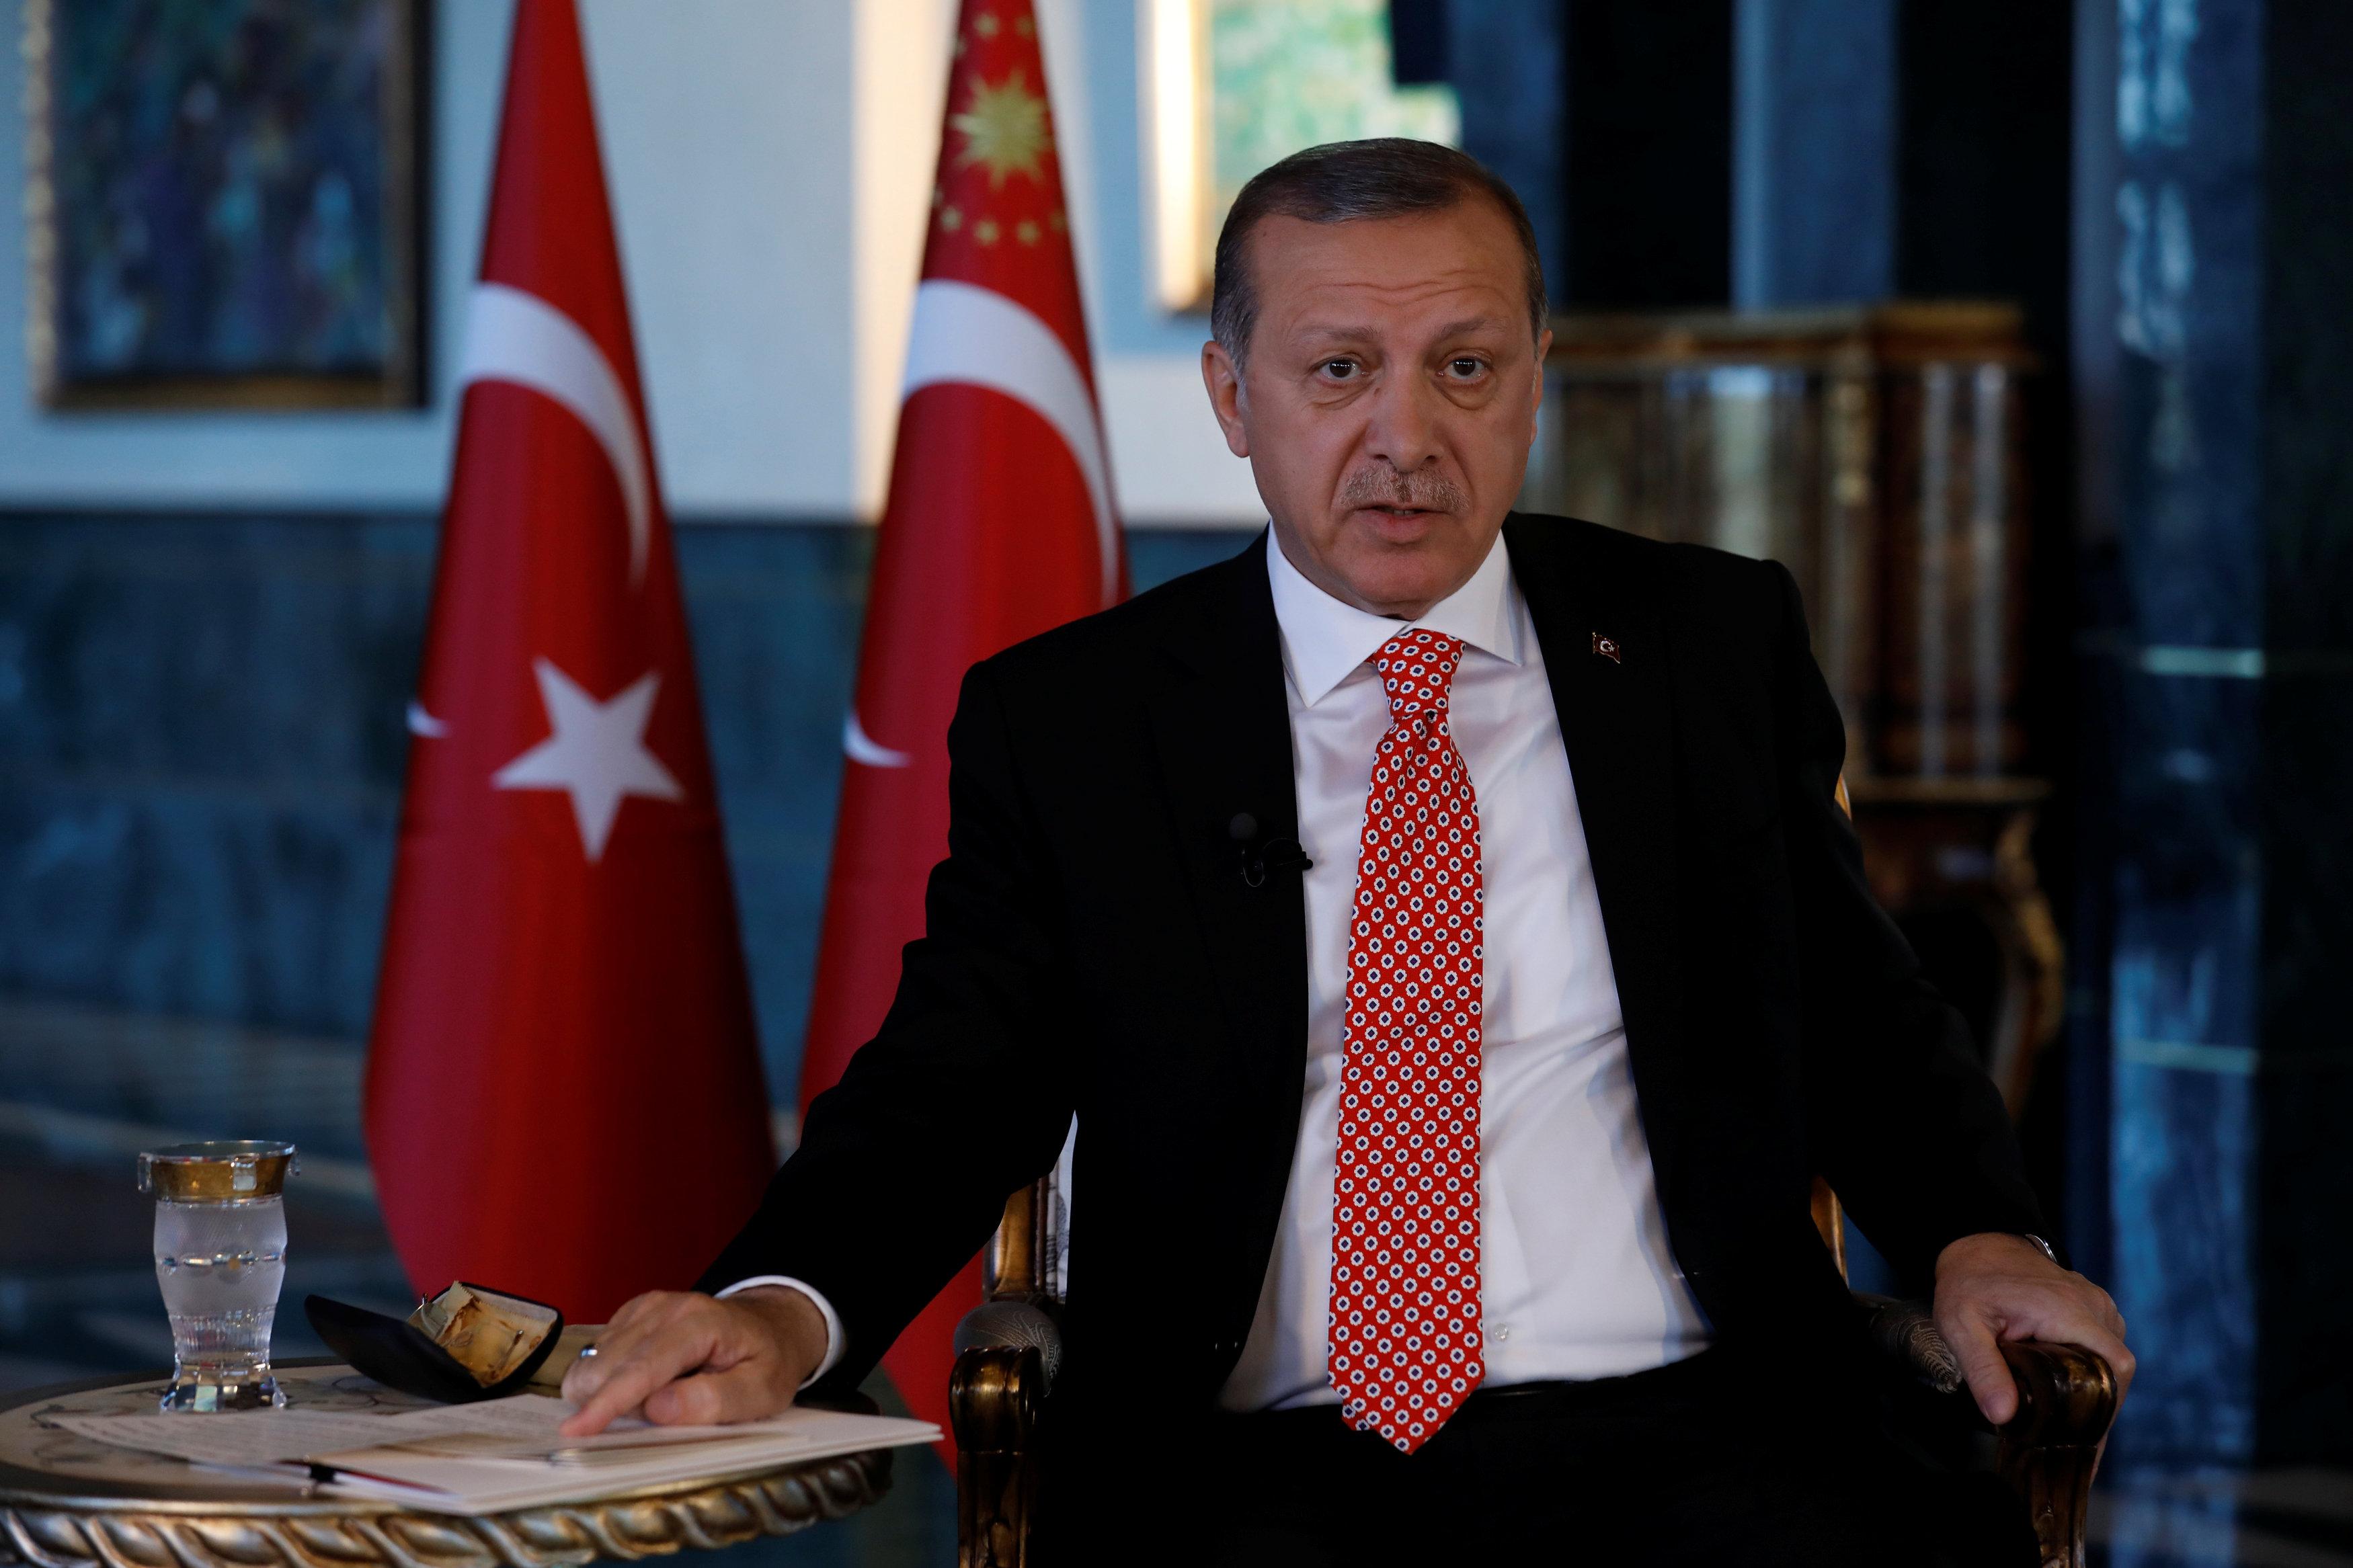 2017 04 25T182736Z 916890522 RC15E013F680 RTRMADP 3 TURKEY POLITICS ERDOGAN